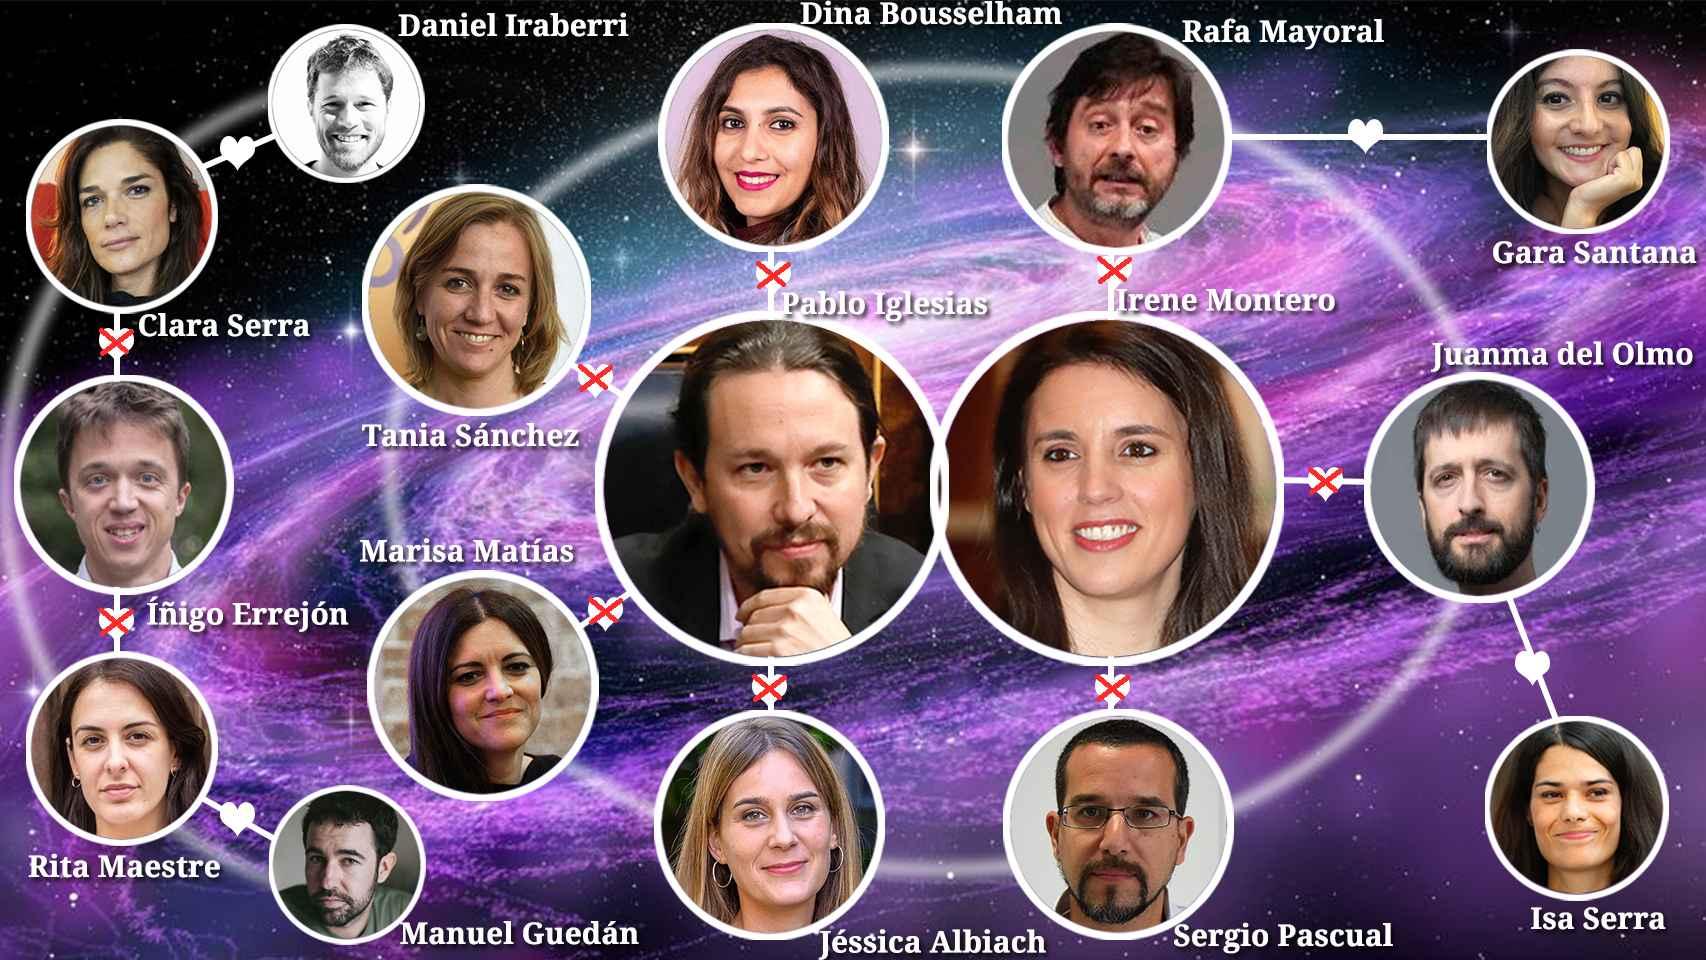 El topic de los haters de Podemos (no queda otro, sorry guys) - Página 4 Reportajes_518210659_159173188_1706x960